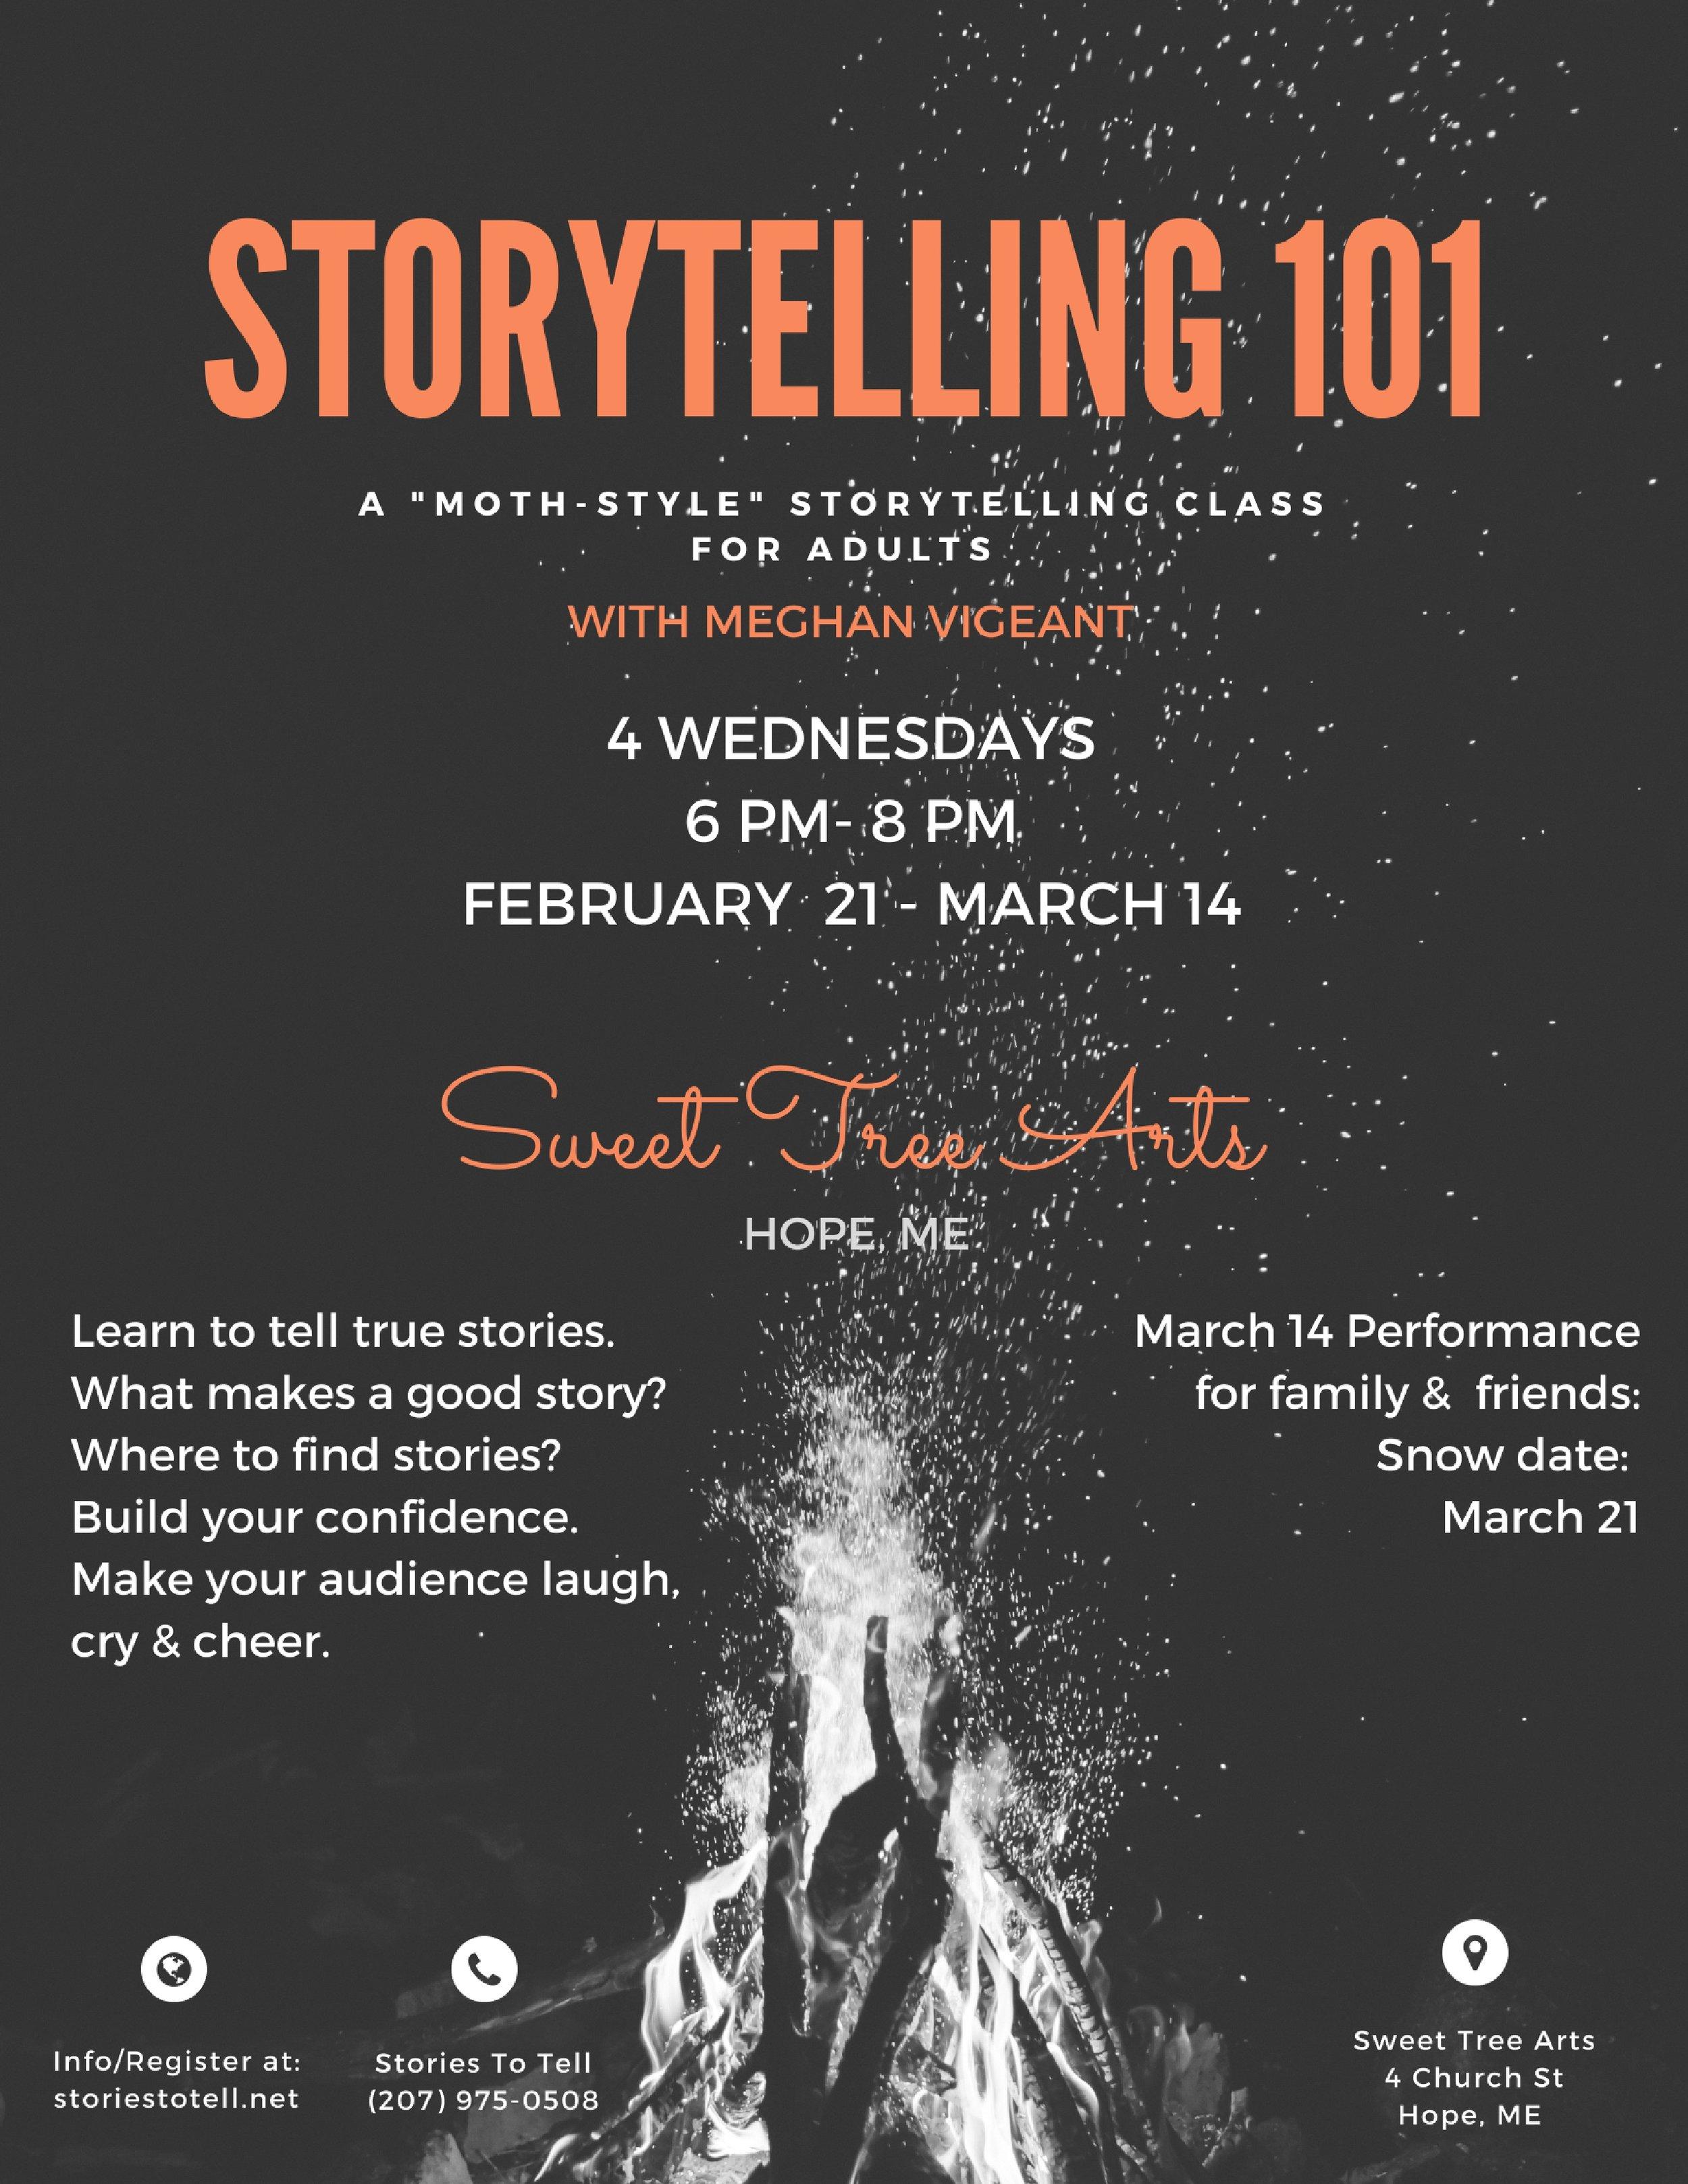 Storytelling 101 flyer.jpg